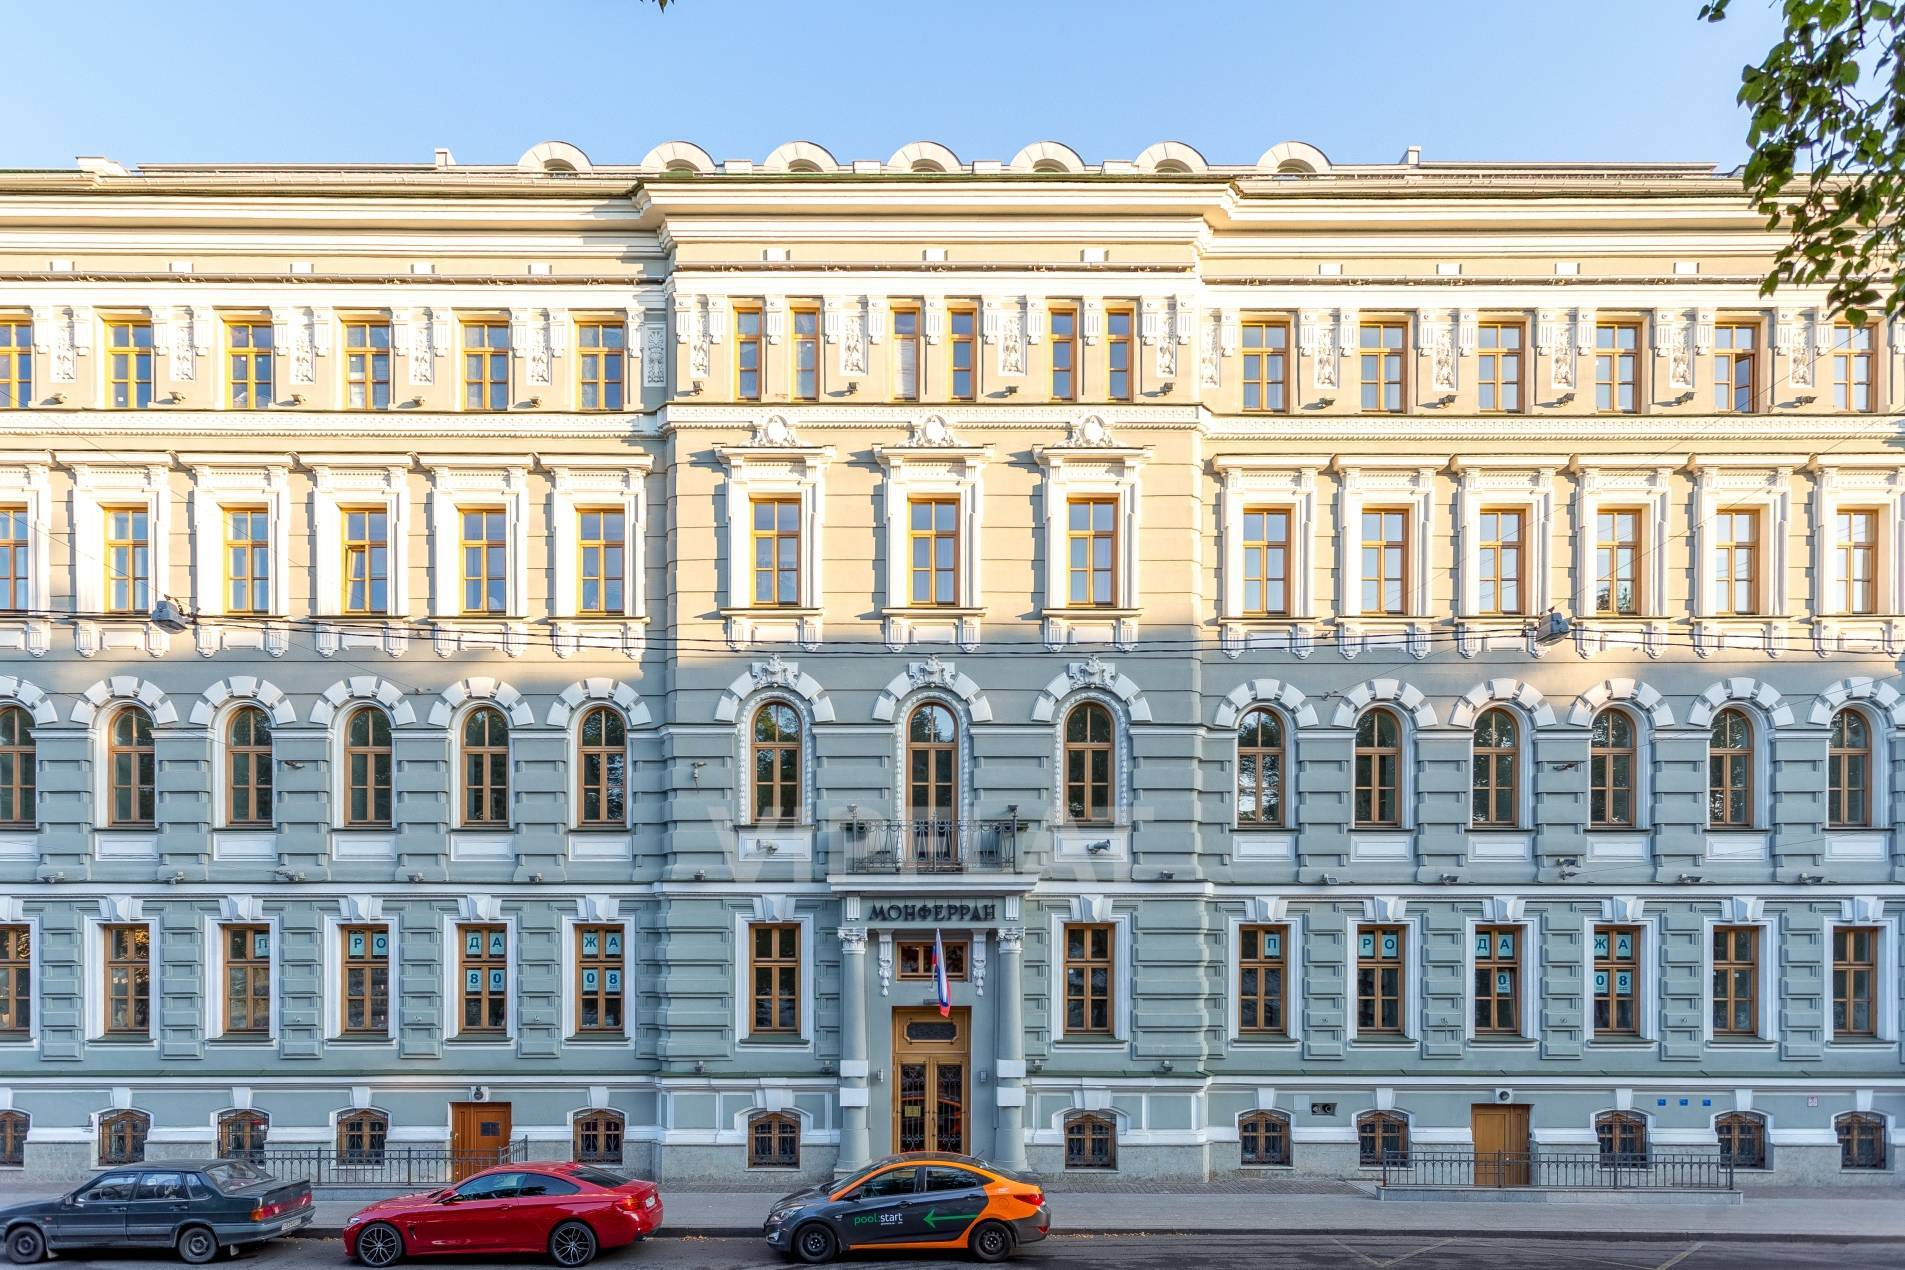 Продажа элитных квартир Санкт-Петербурга. Конногвардейский бул., 5 Классический фасад